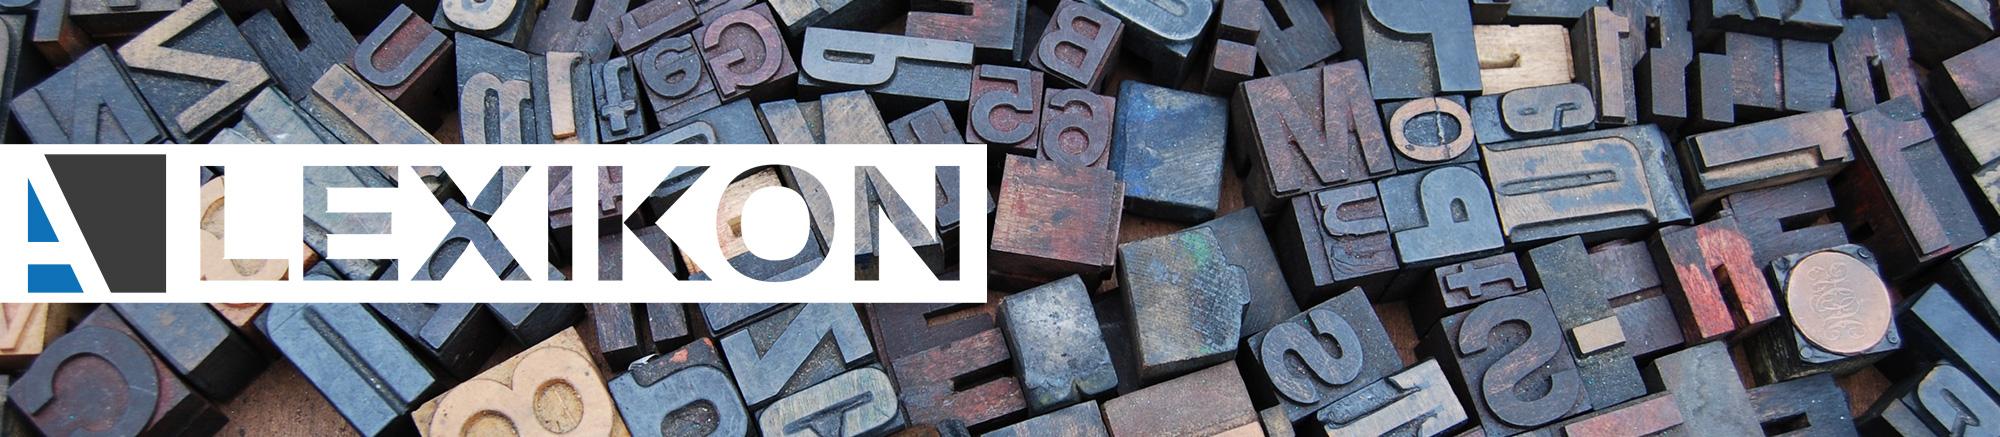 Lexikon - Begriffe aus der Welt von Sachverständigen und Sachkundigen